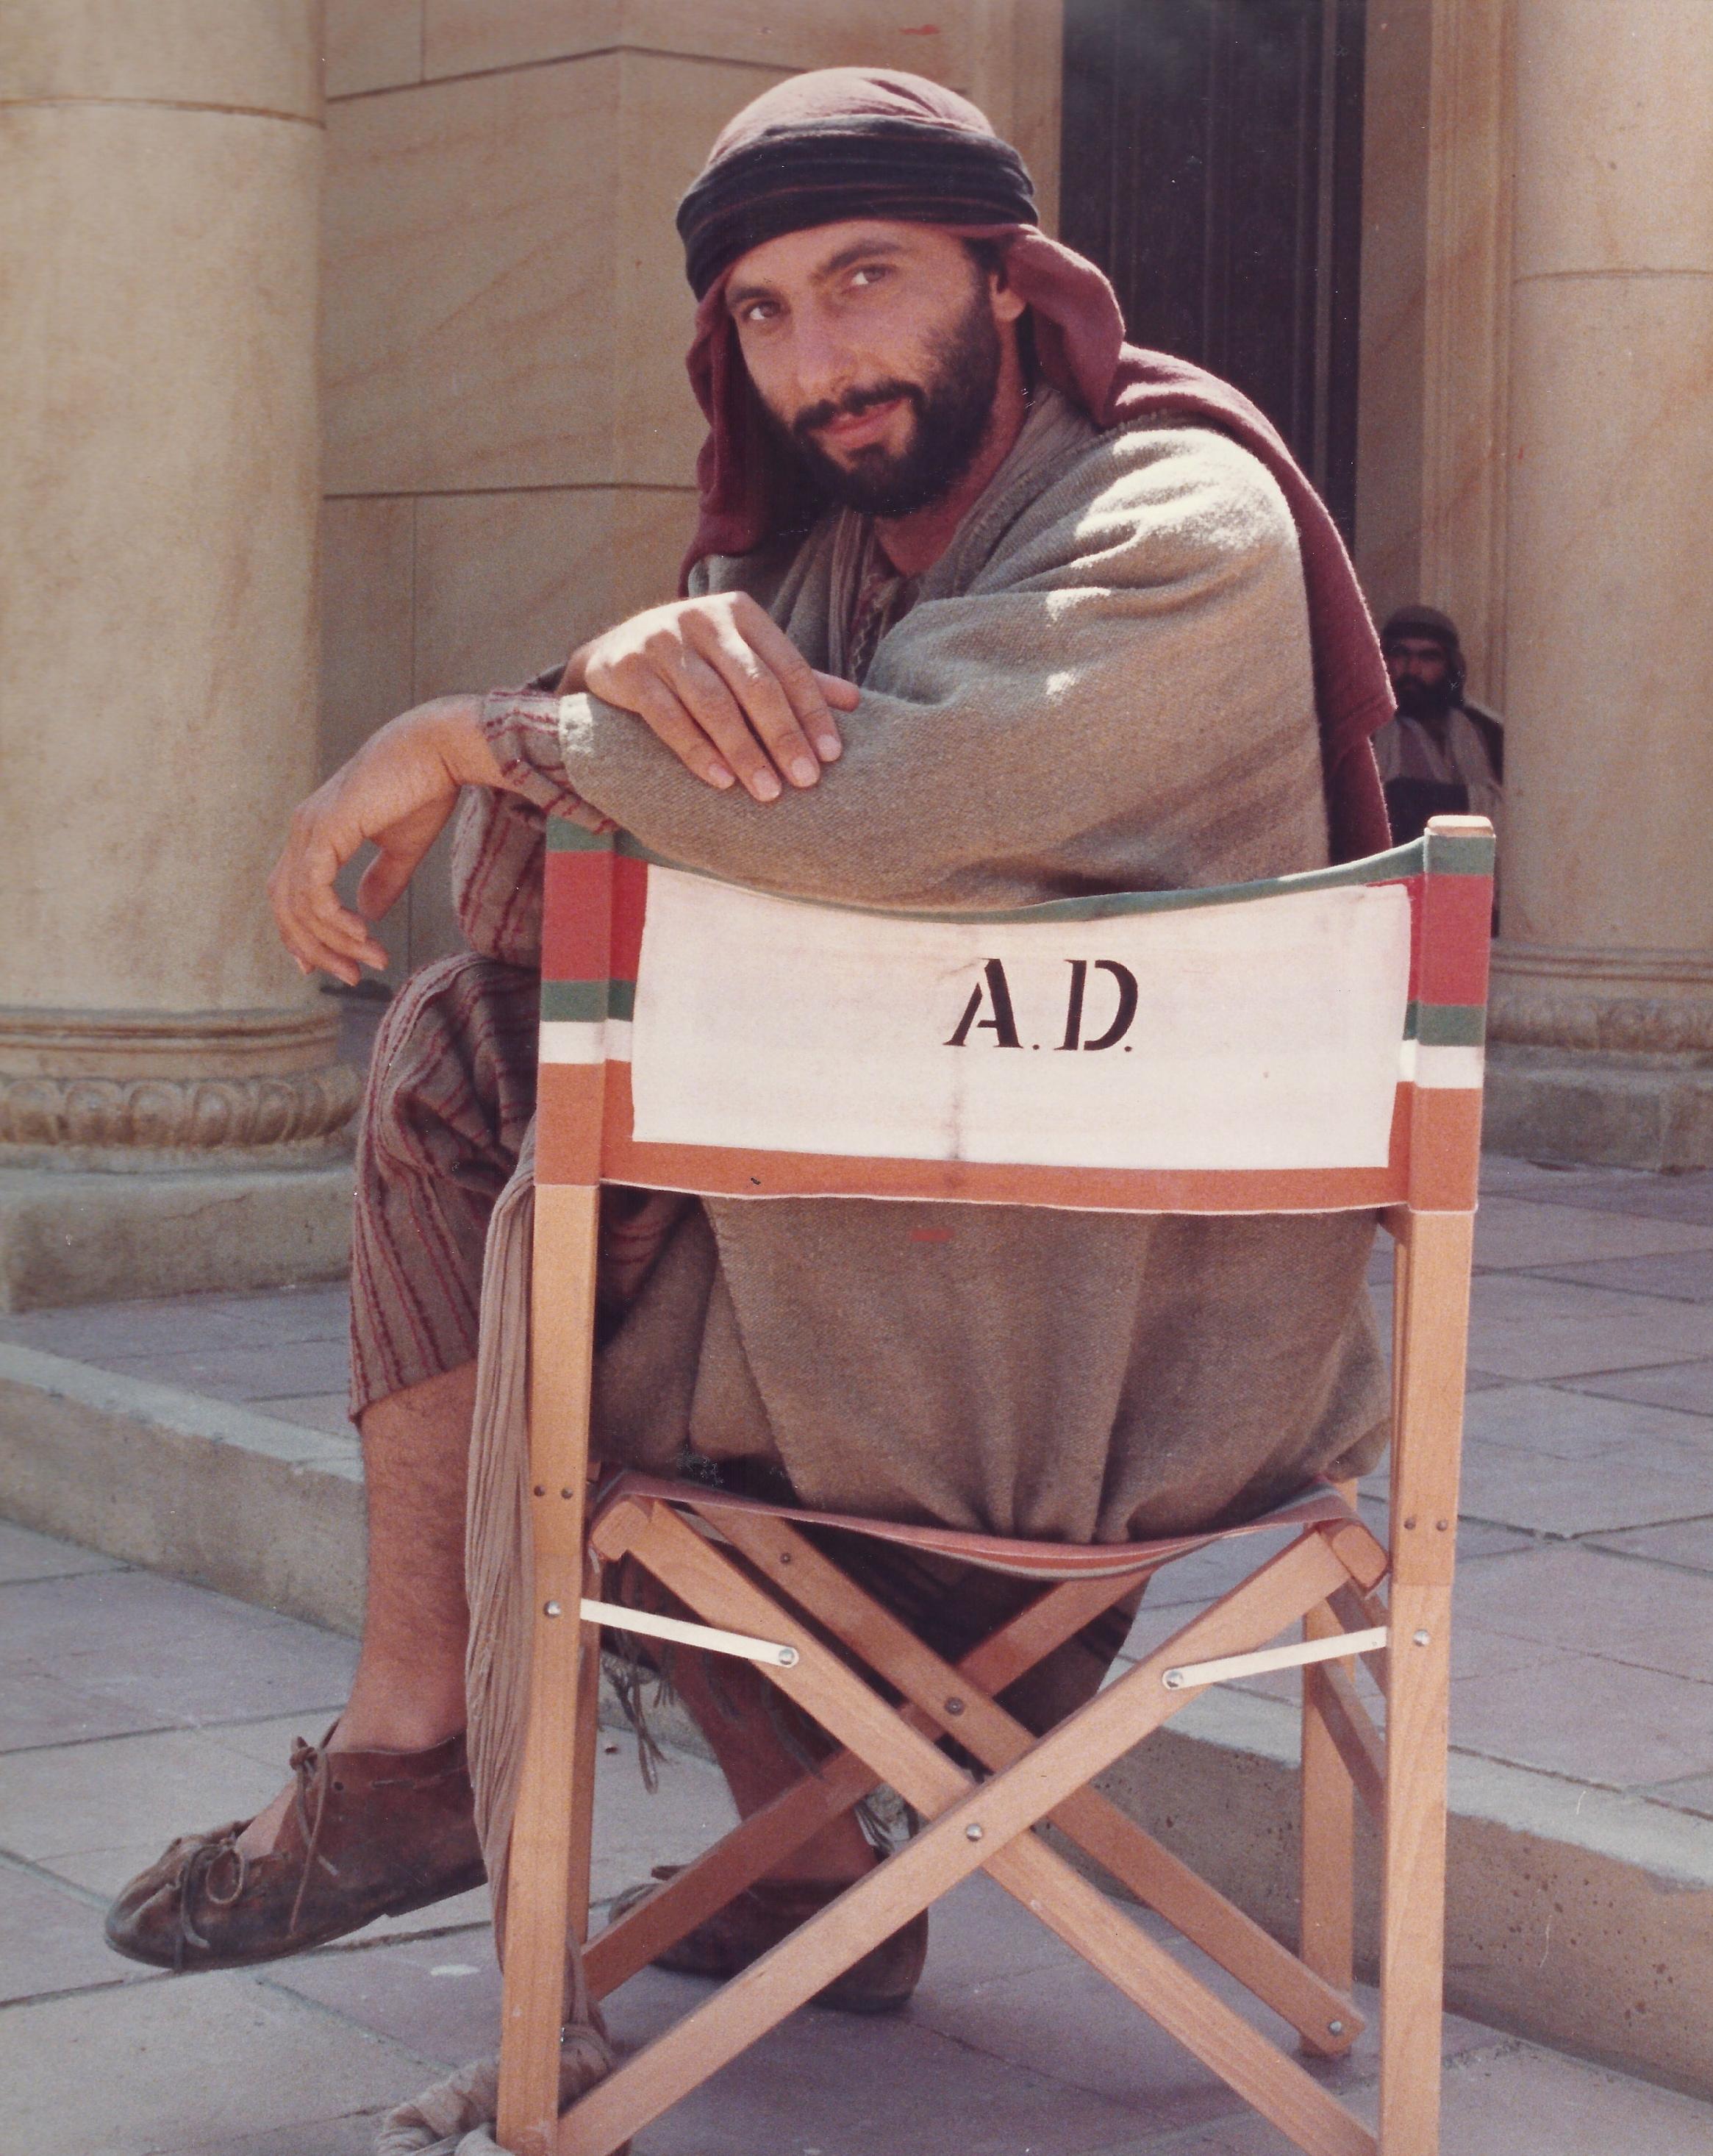 AD Anno Domini